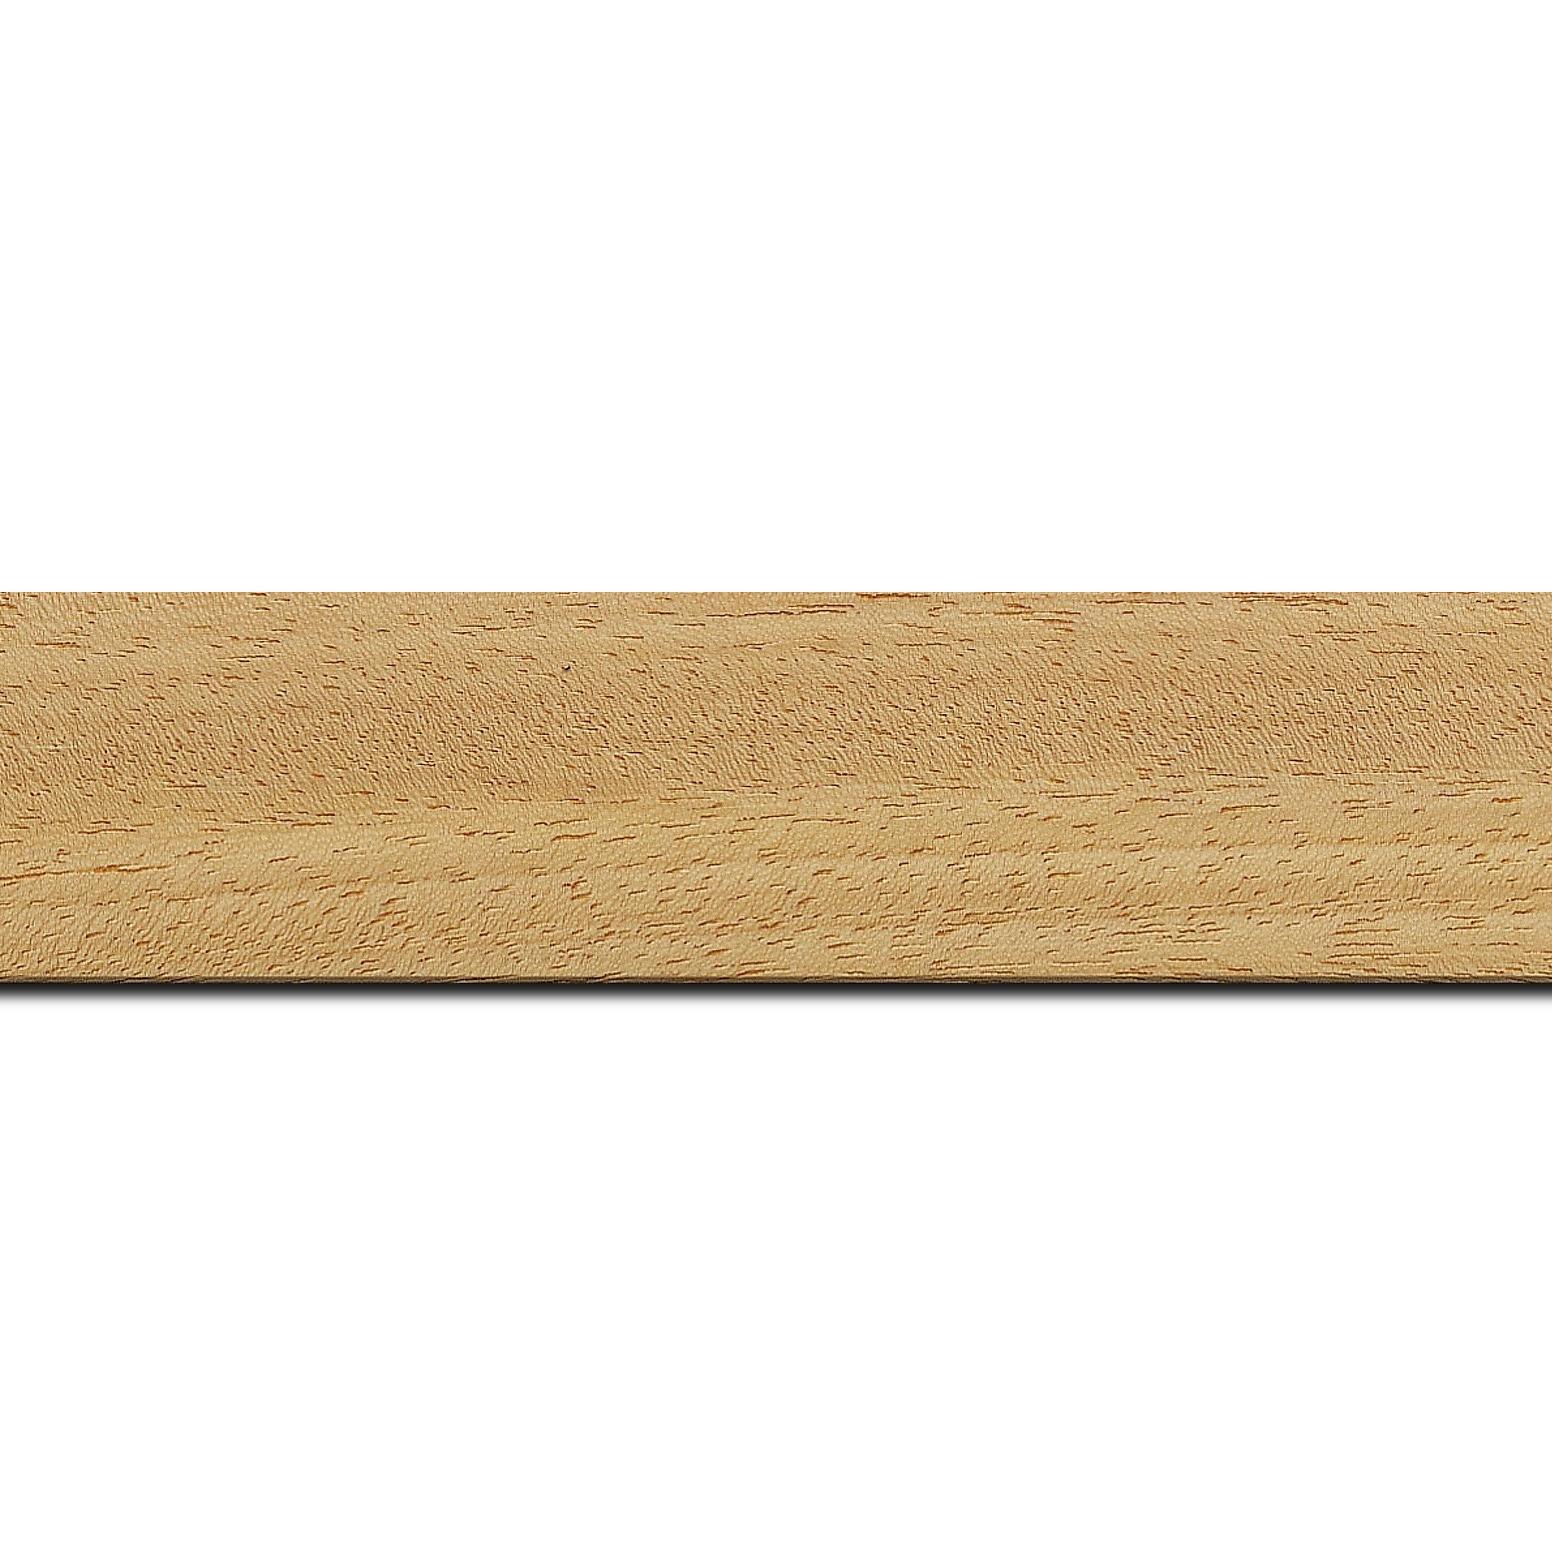 Baguette longueur 1.40m bois profil plat largeur 3.8cm ayous massif naturel (sans vernis,peut être peint...)